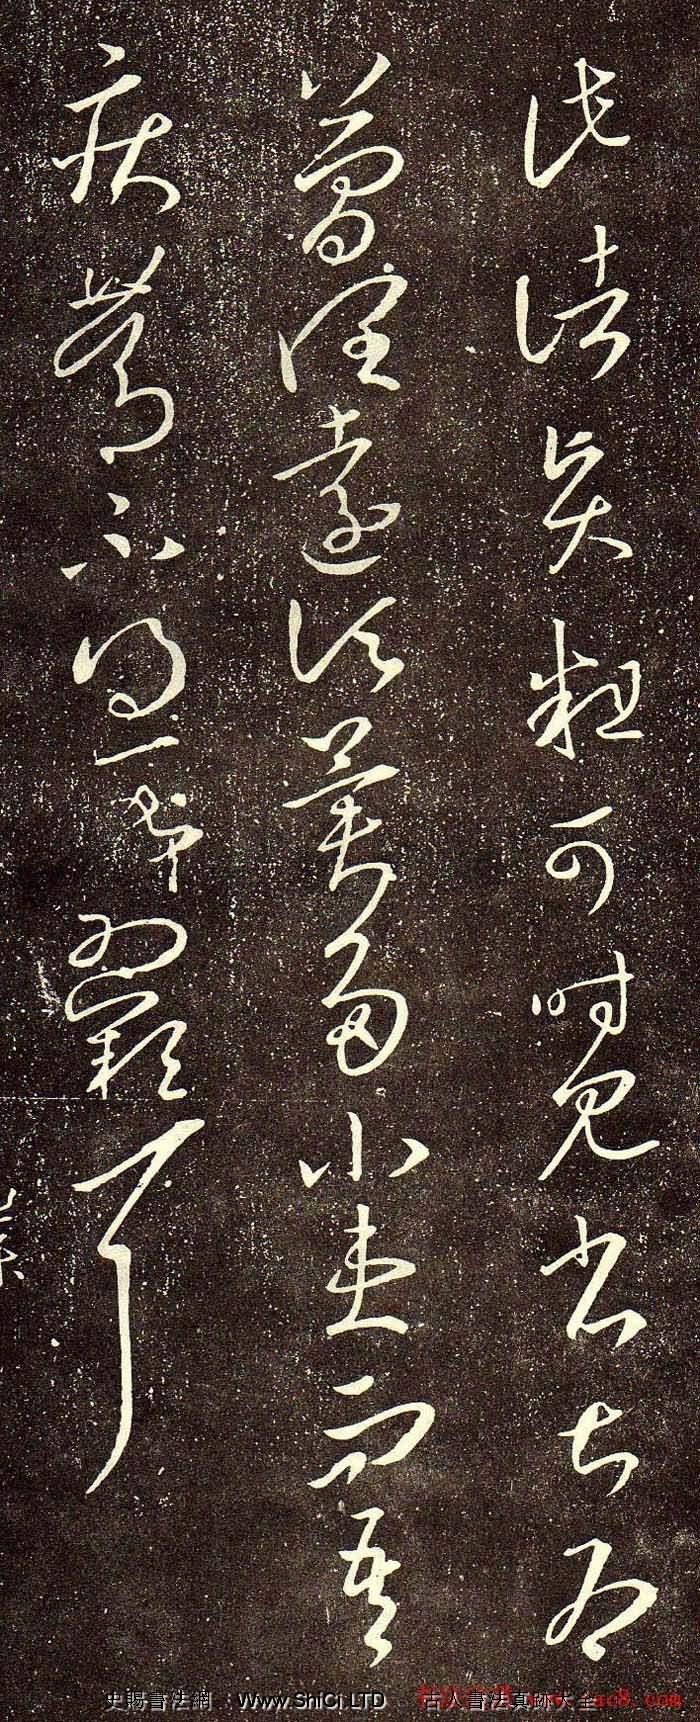 王羲之草書真跡欣賞《此諸賢帖》(共5張圖片)